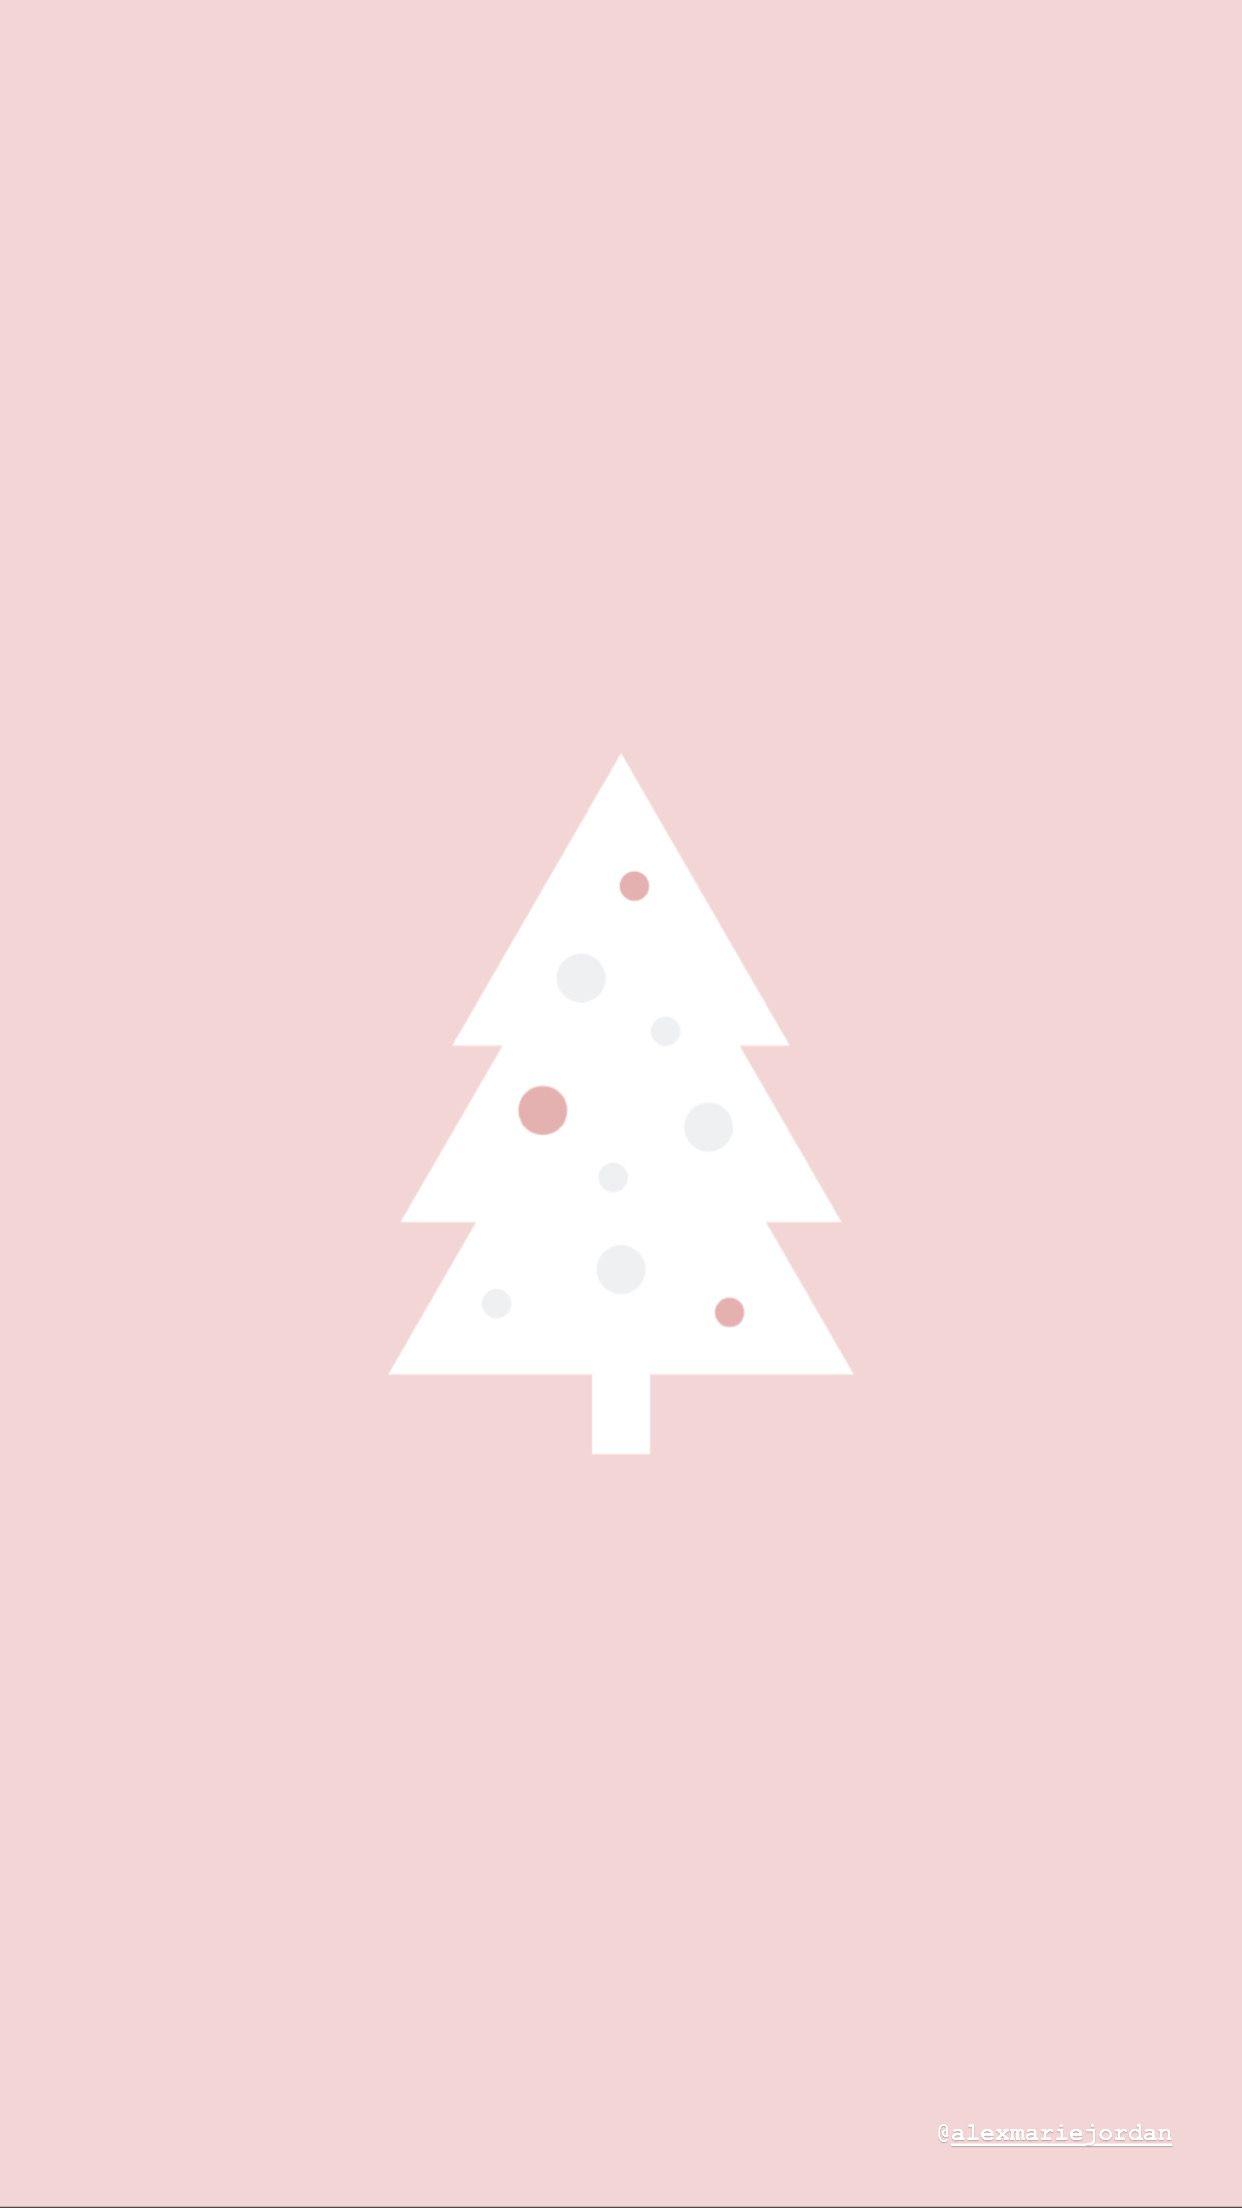 Pink Christmas Tree Wallpaper Cute Christmas Wallpaper Christmas Tree Wallpaper Wallpaper Iphone Christmas